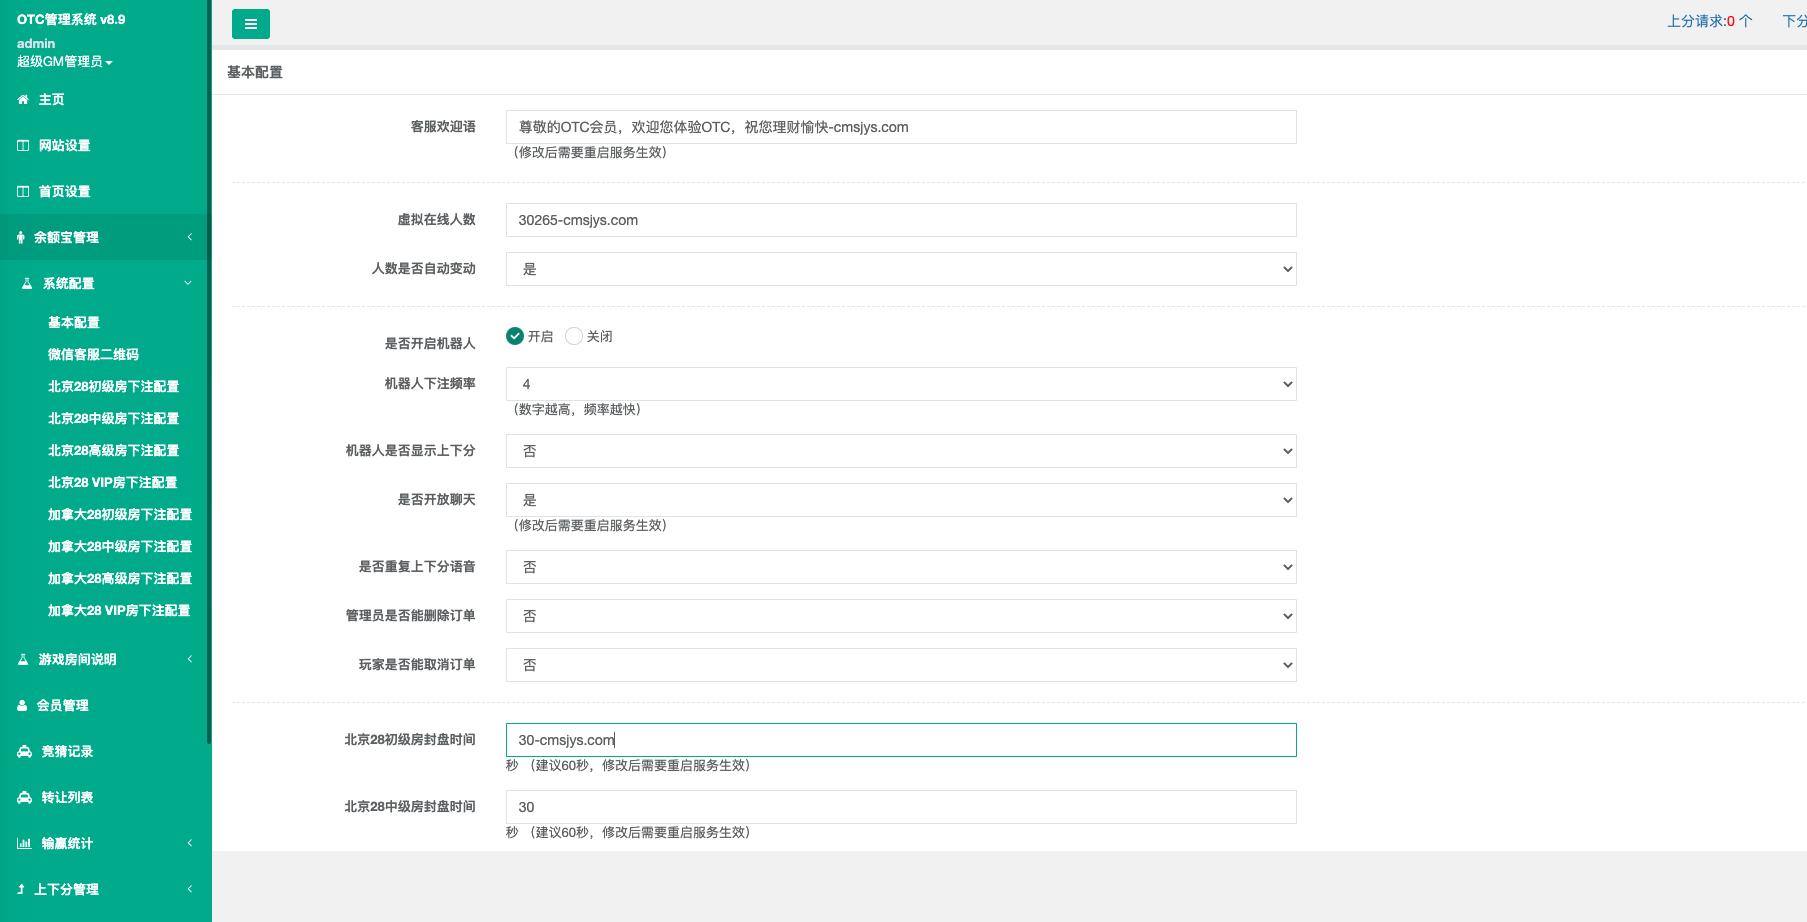 【亲测源码】【二开GFC/H5伪微交易理财盘】最新修复三语言切换+完整教程插图6